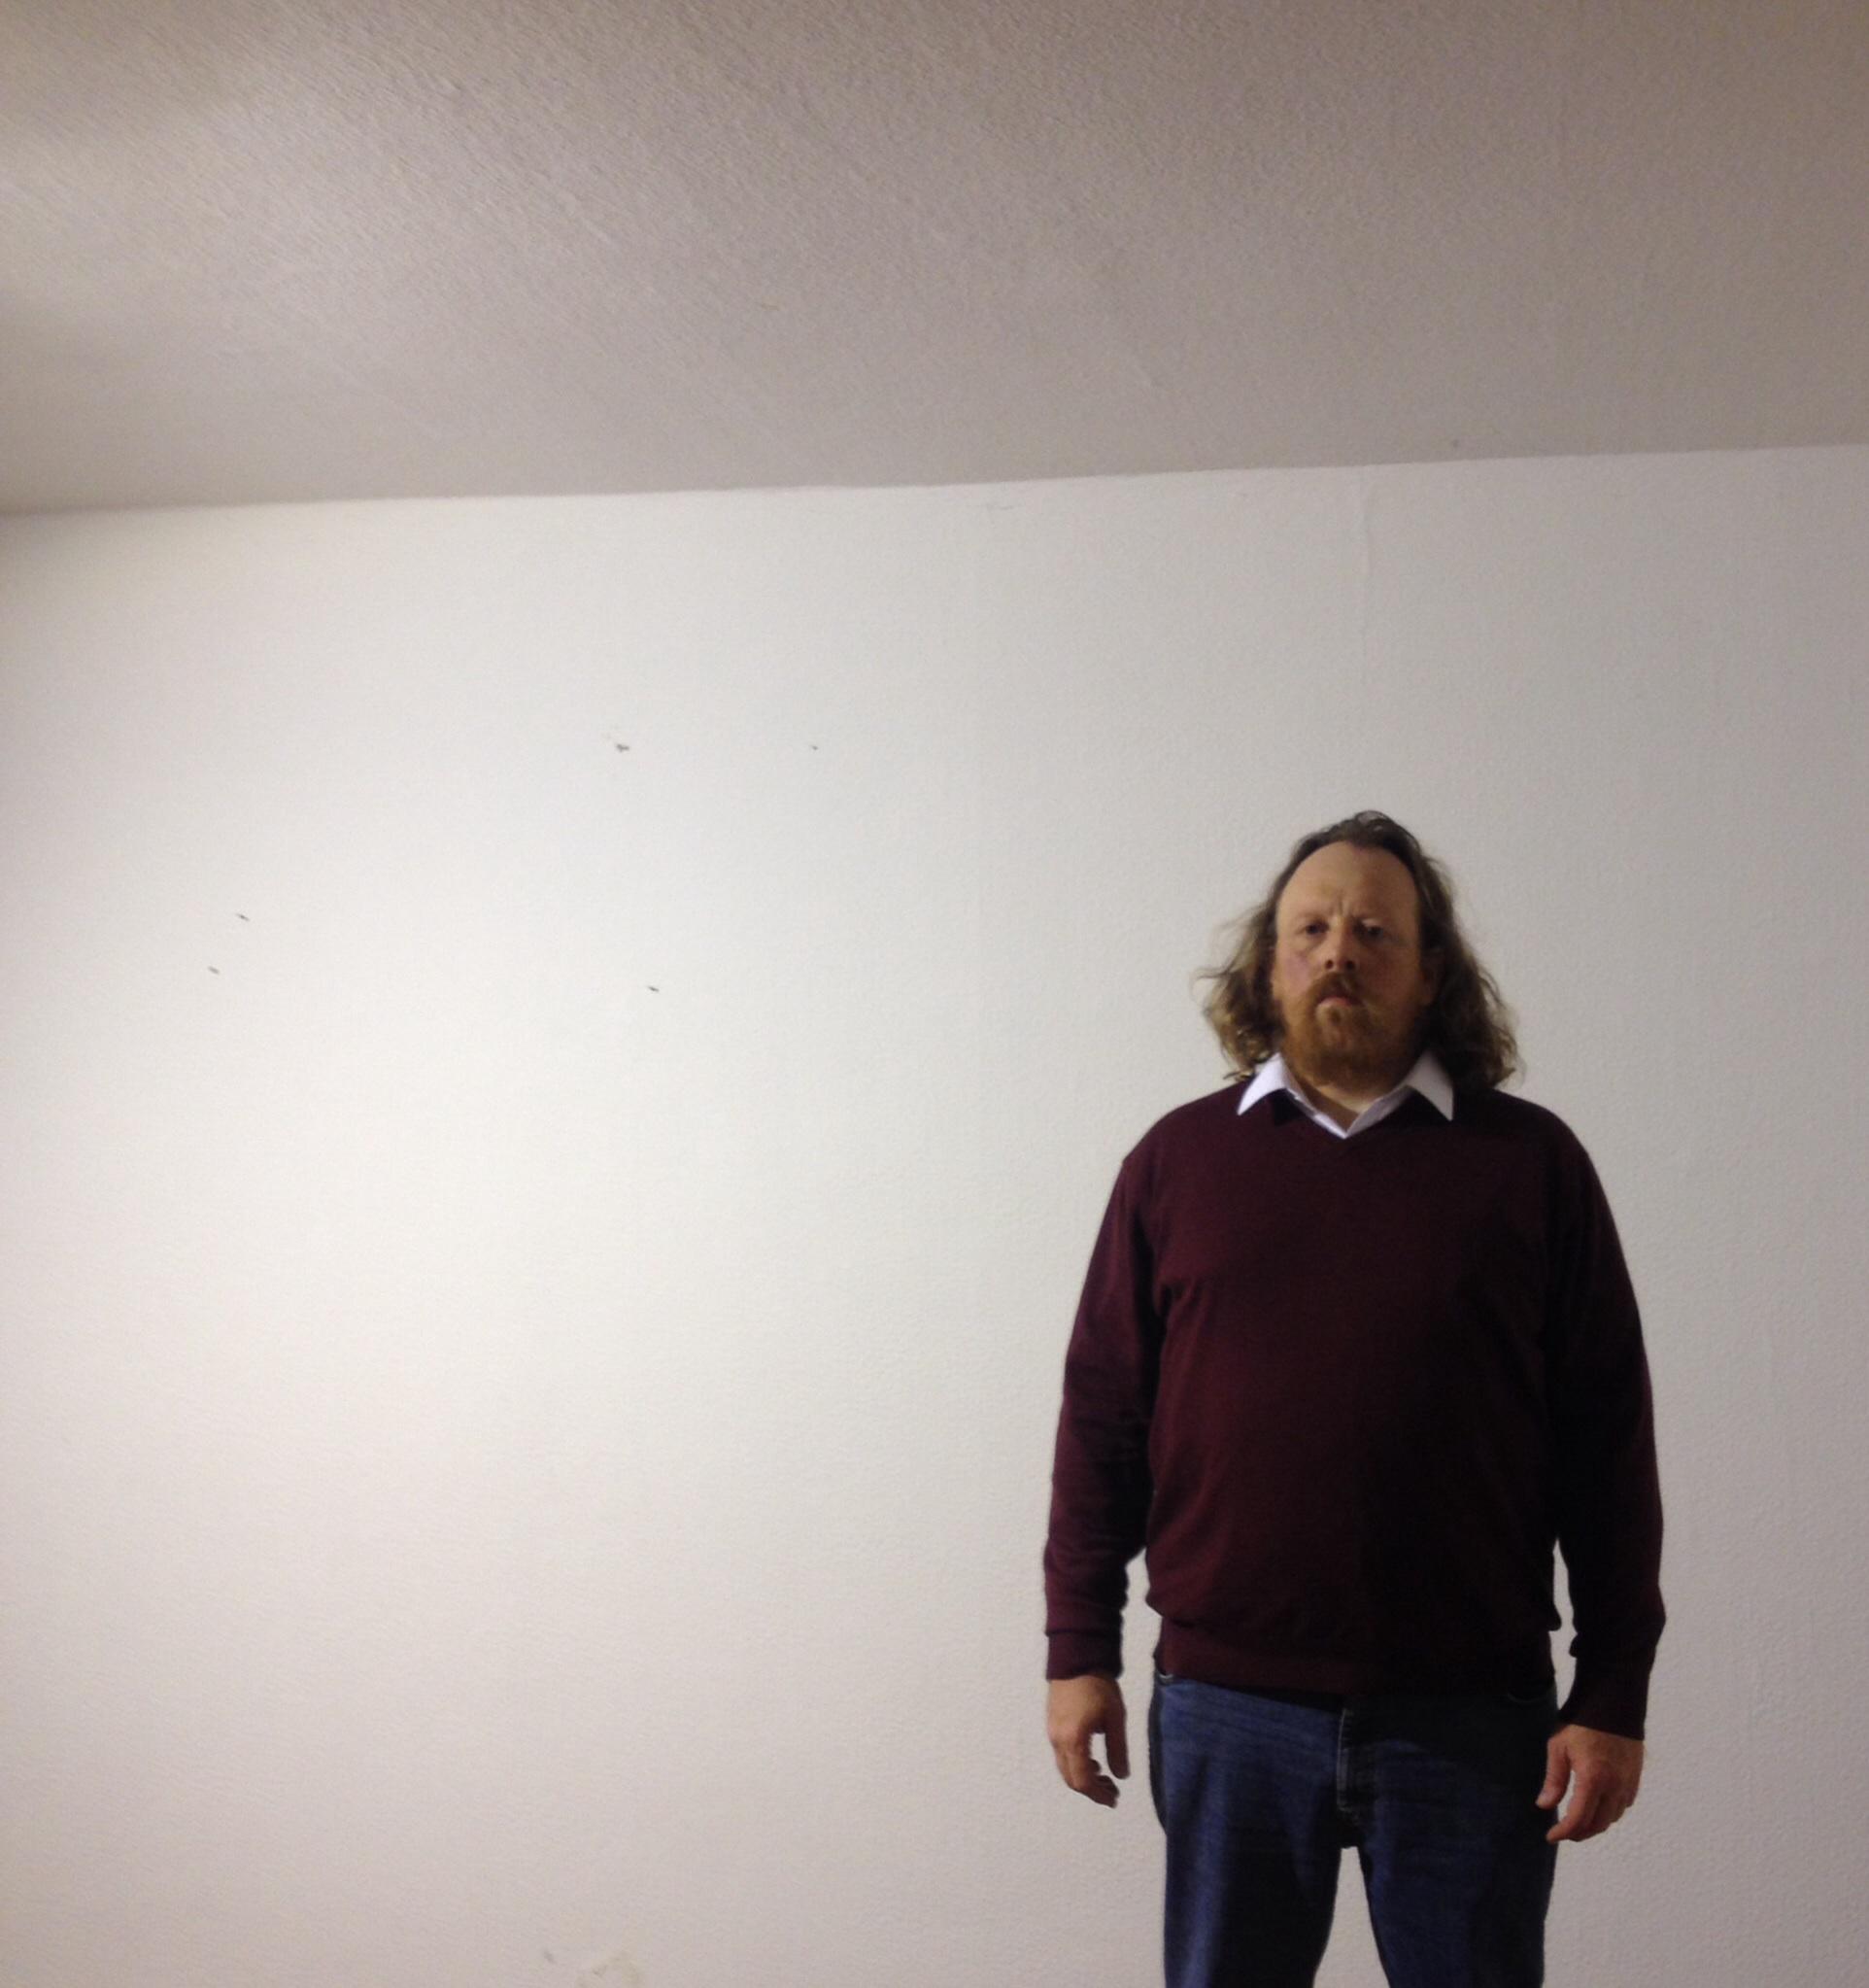 Claus Seak Winkler in his studio-showroom. September 2015